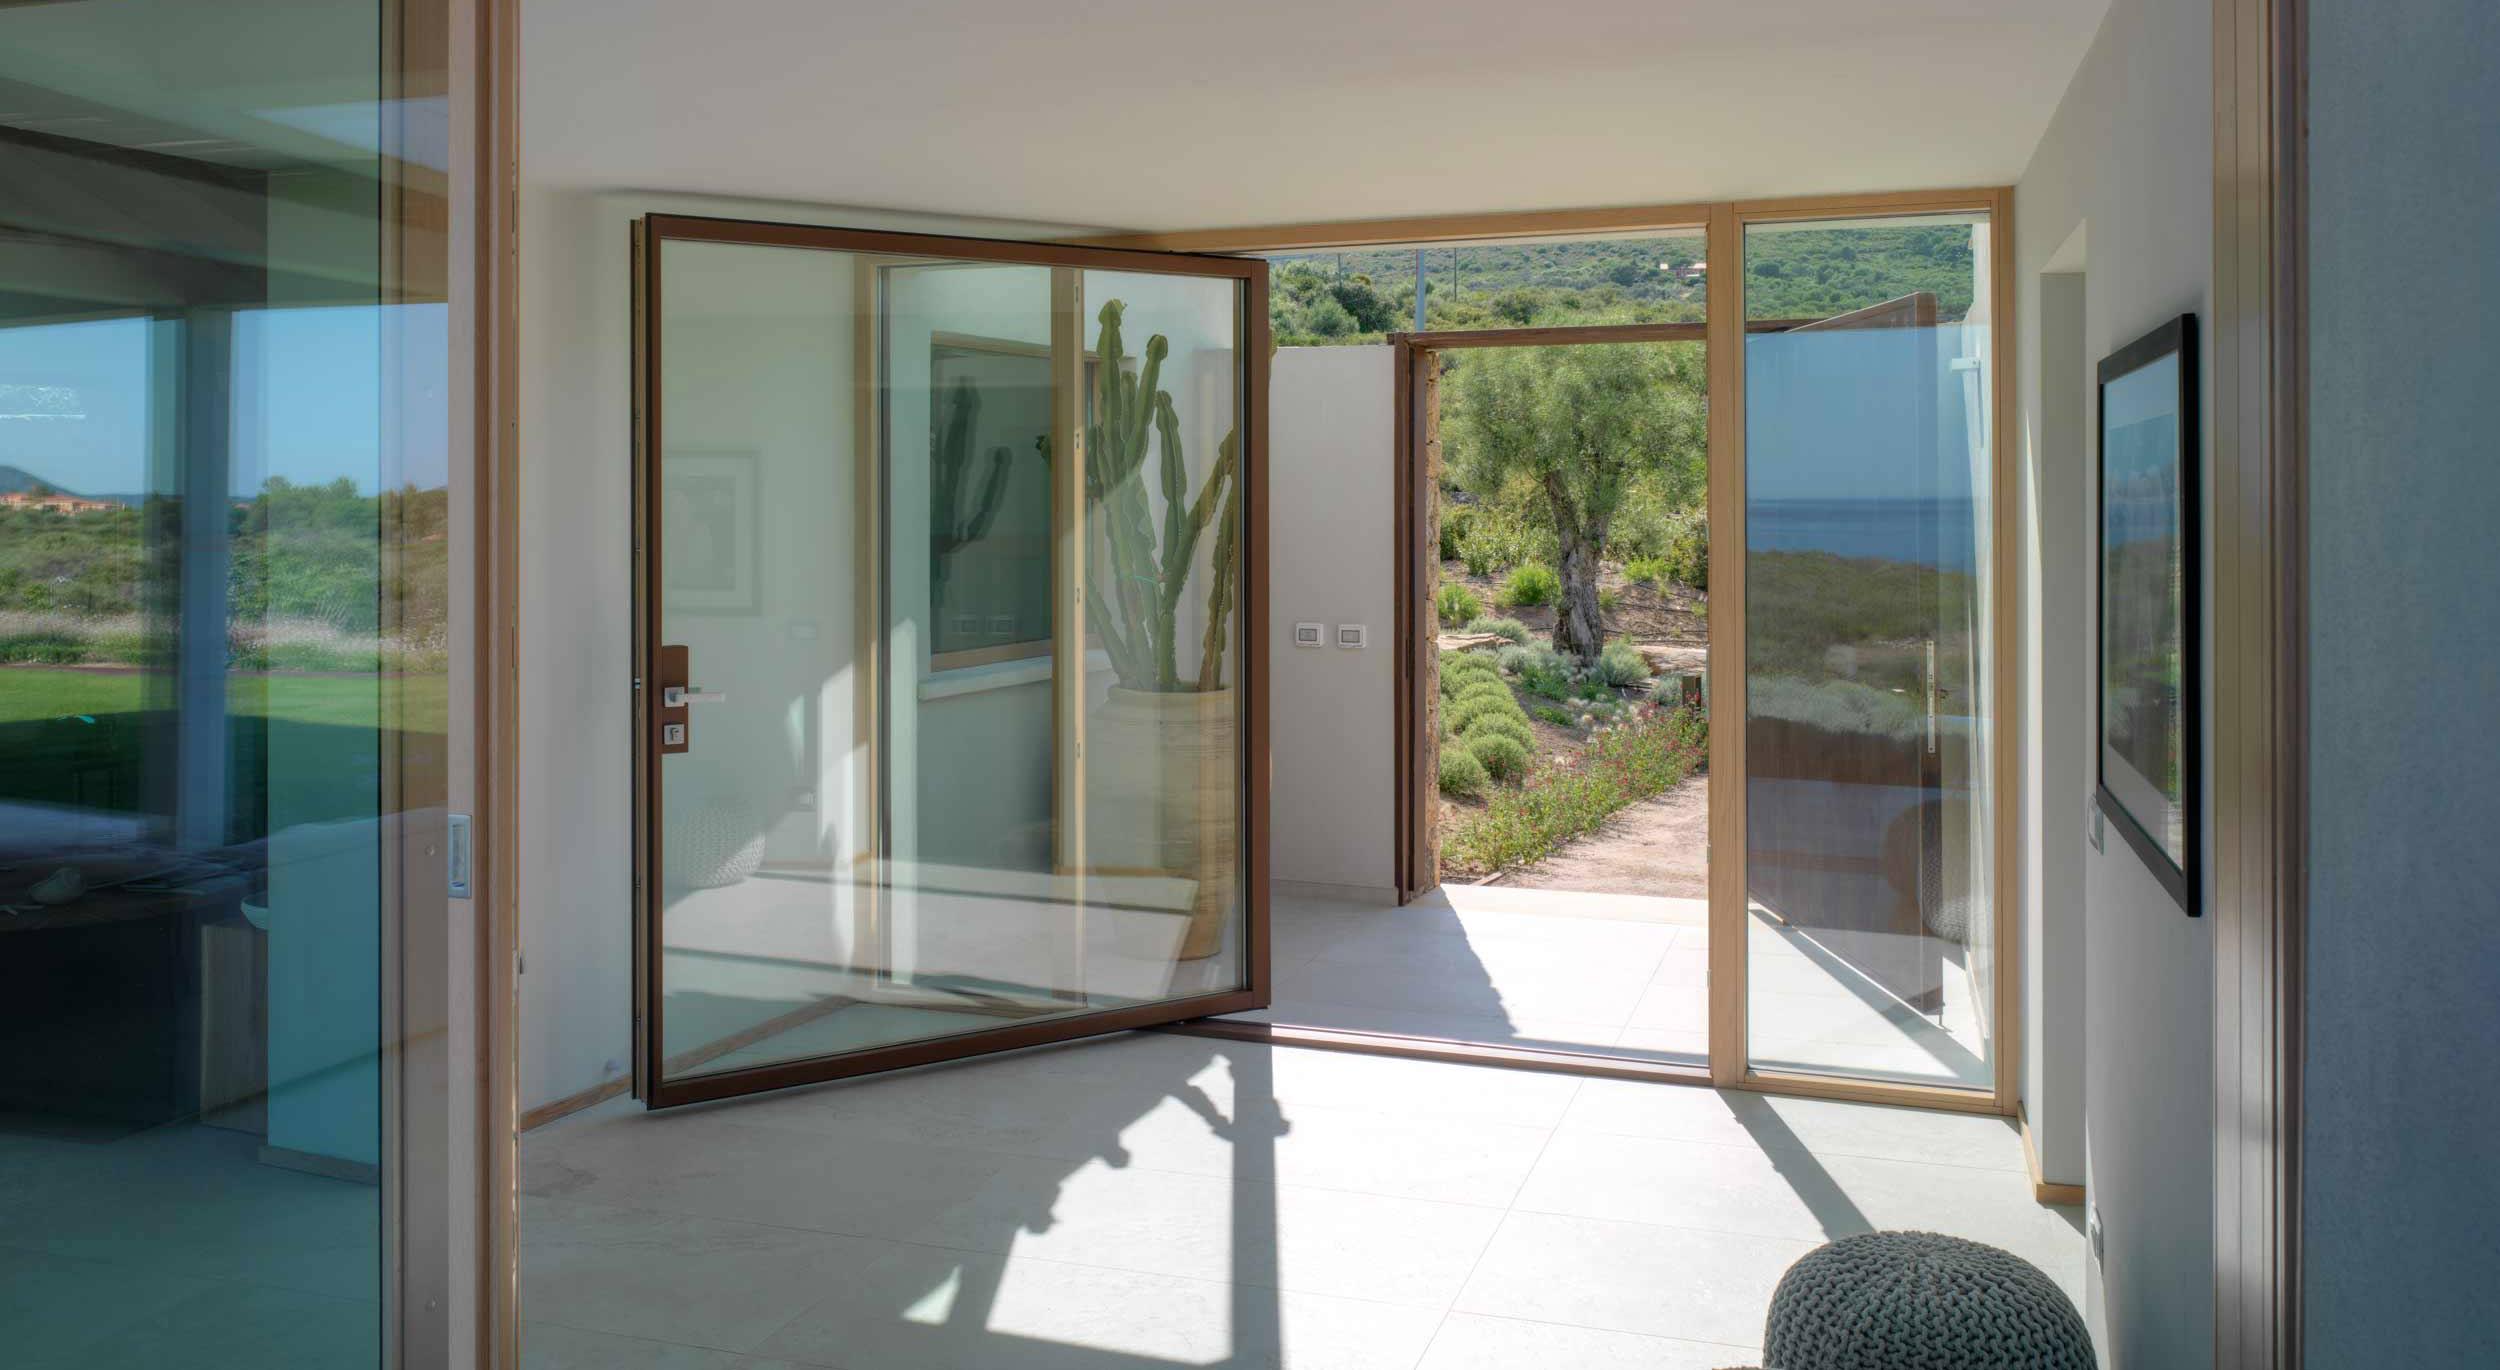 Vue intérieure de la porte pivotante verticale avec deux portes latérales fixes